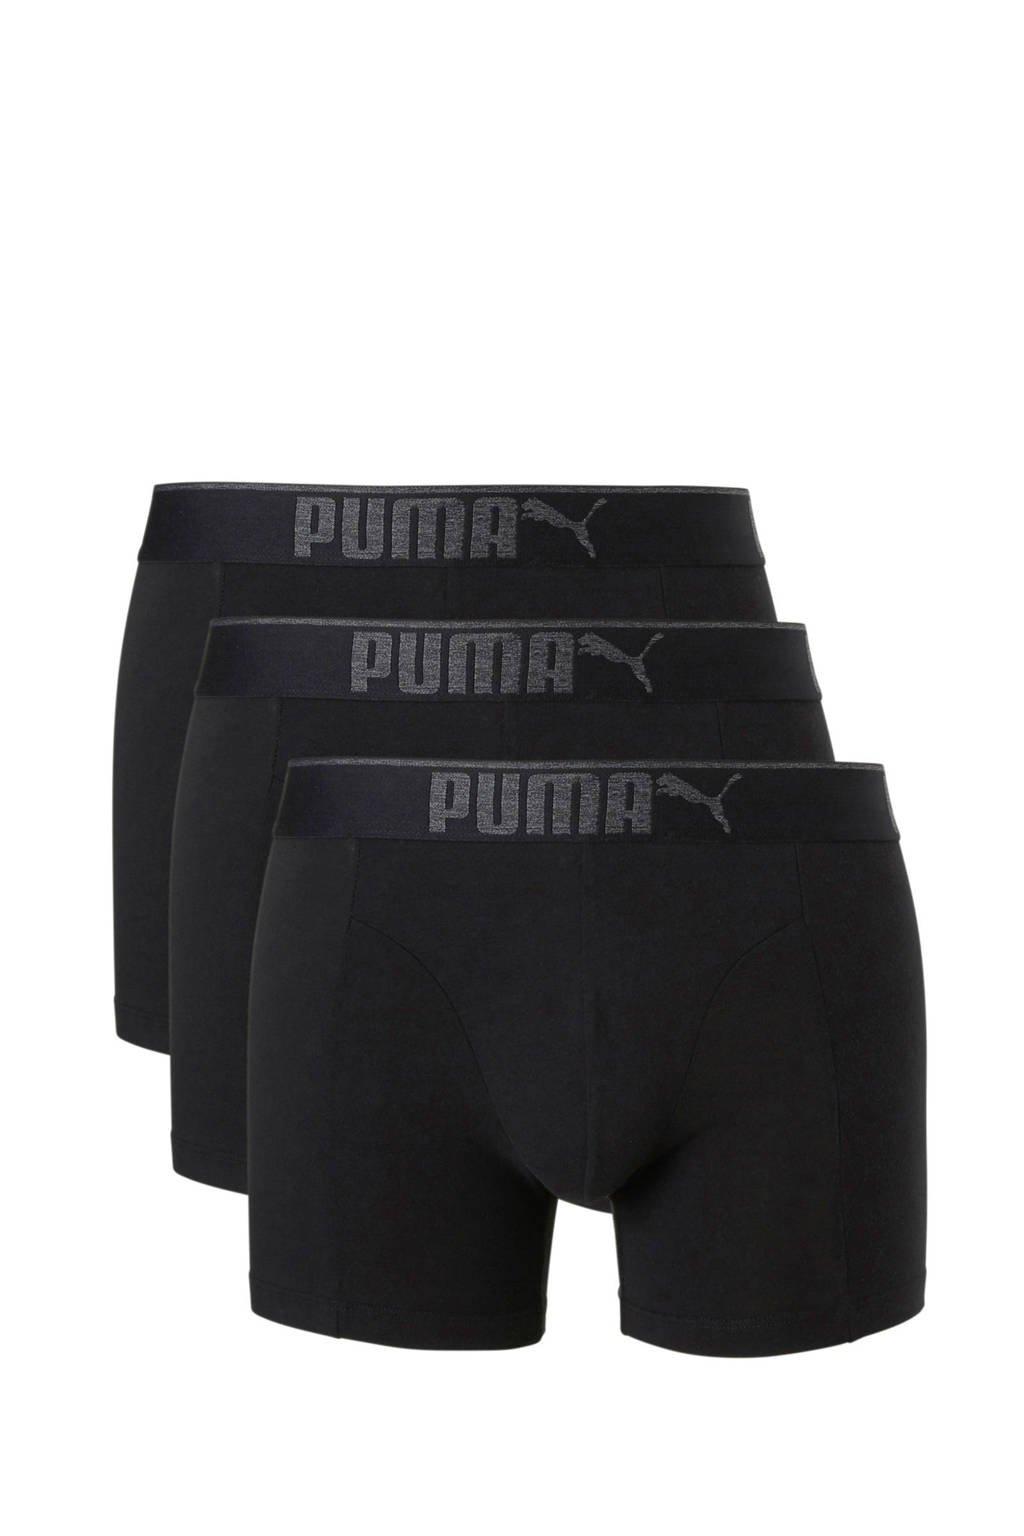 Puma boxershort (set van 3), zwart / grijs